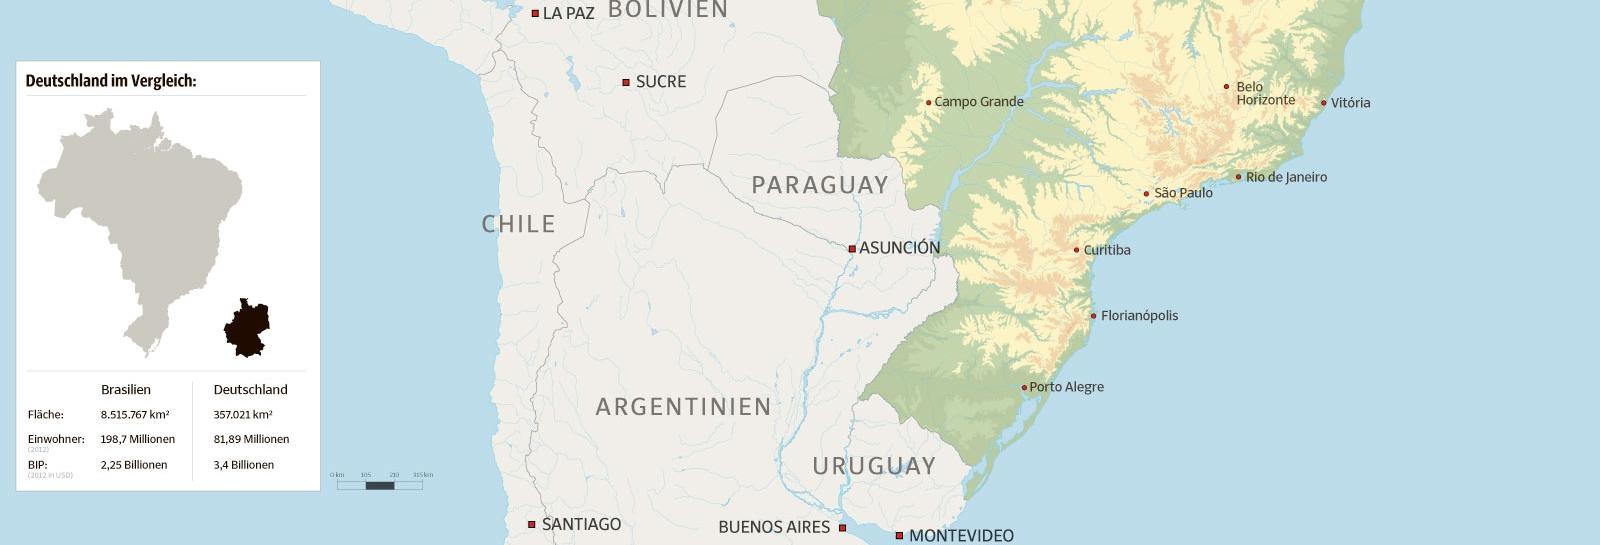 Wm 2018 Spielorte Karte.Stadien Der Wm 2014 In Brasilien